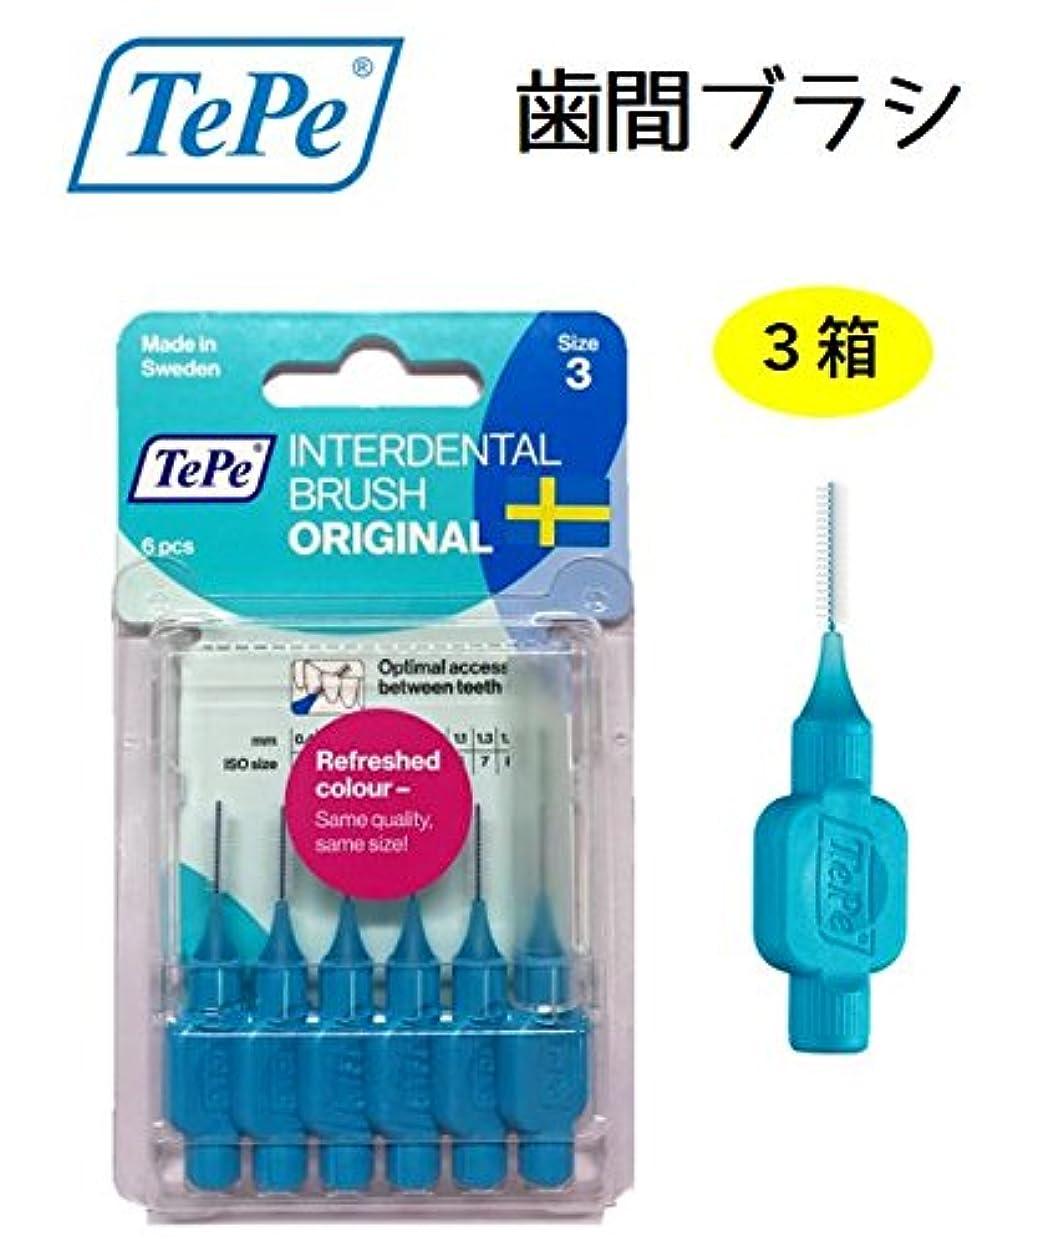 赤外線別のチャーミングテペ 歯間プラシ 0.6mm ブリスターパック 3パック TePe IDブラシ